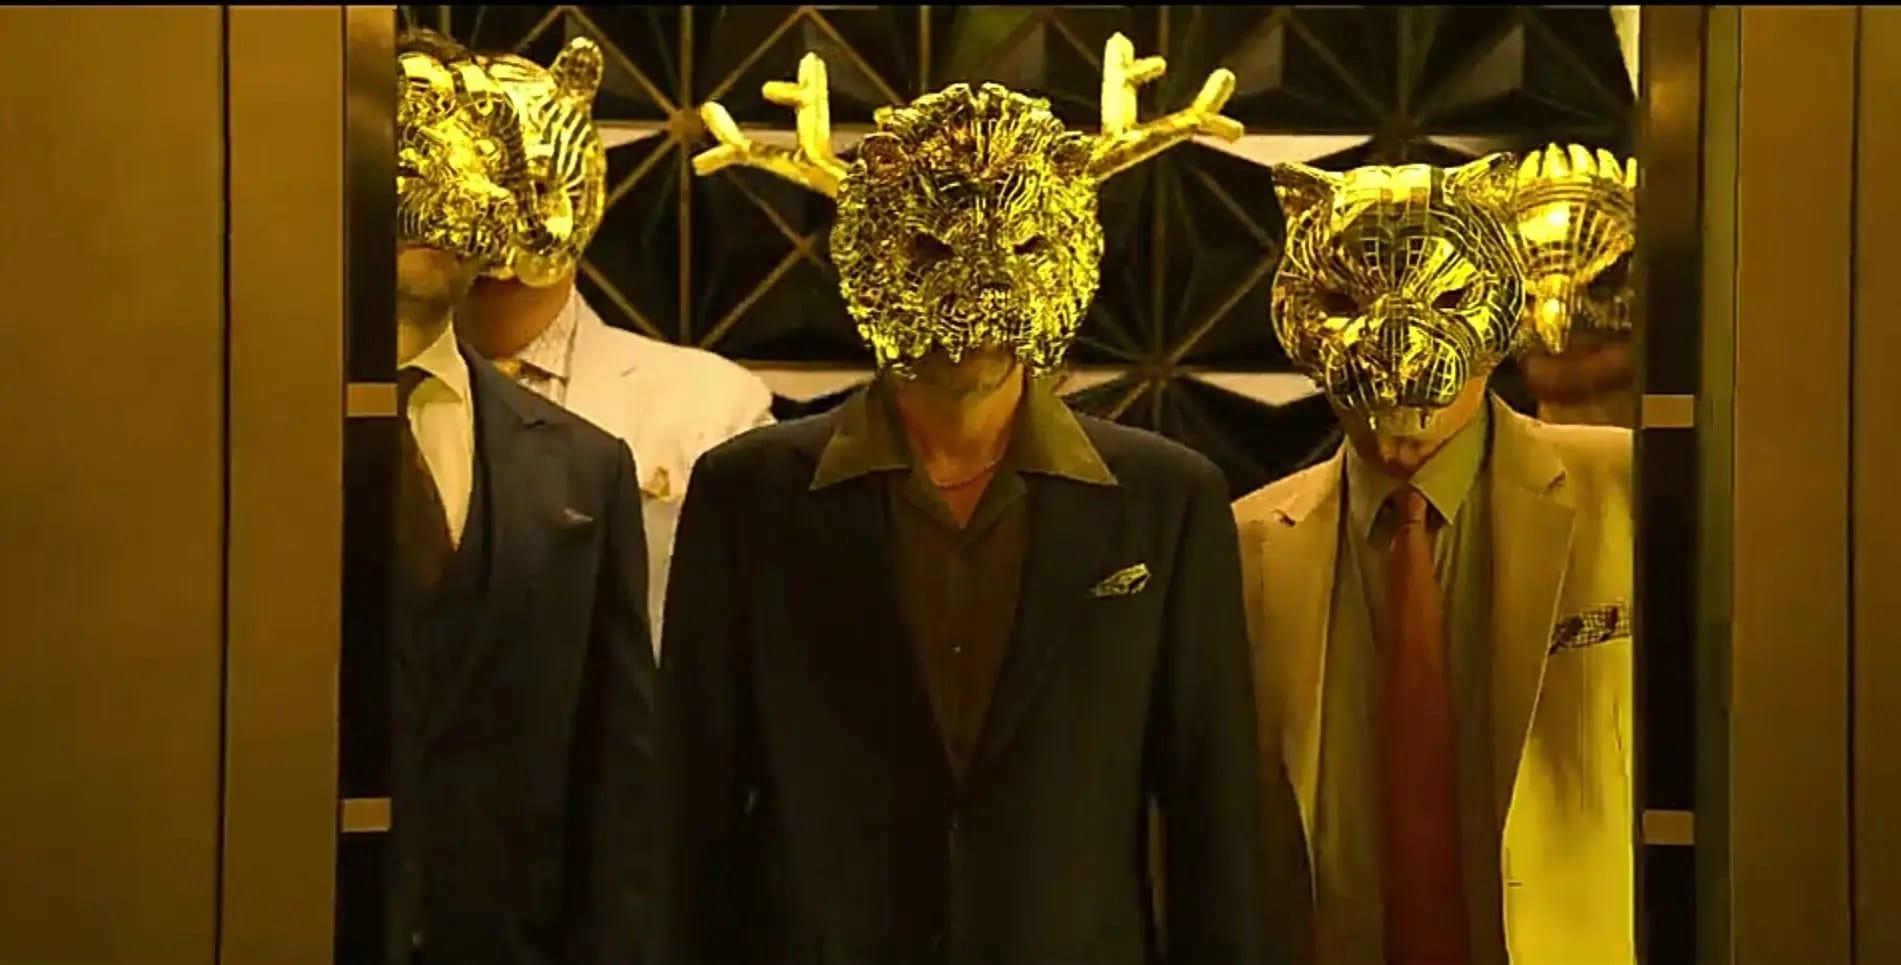 VIPs in golden animal masks.